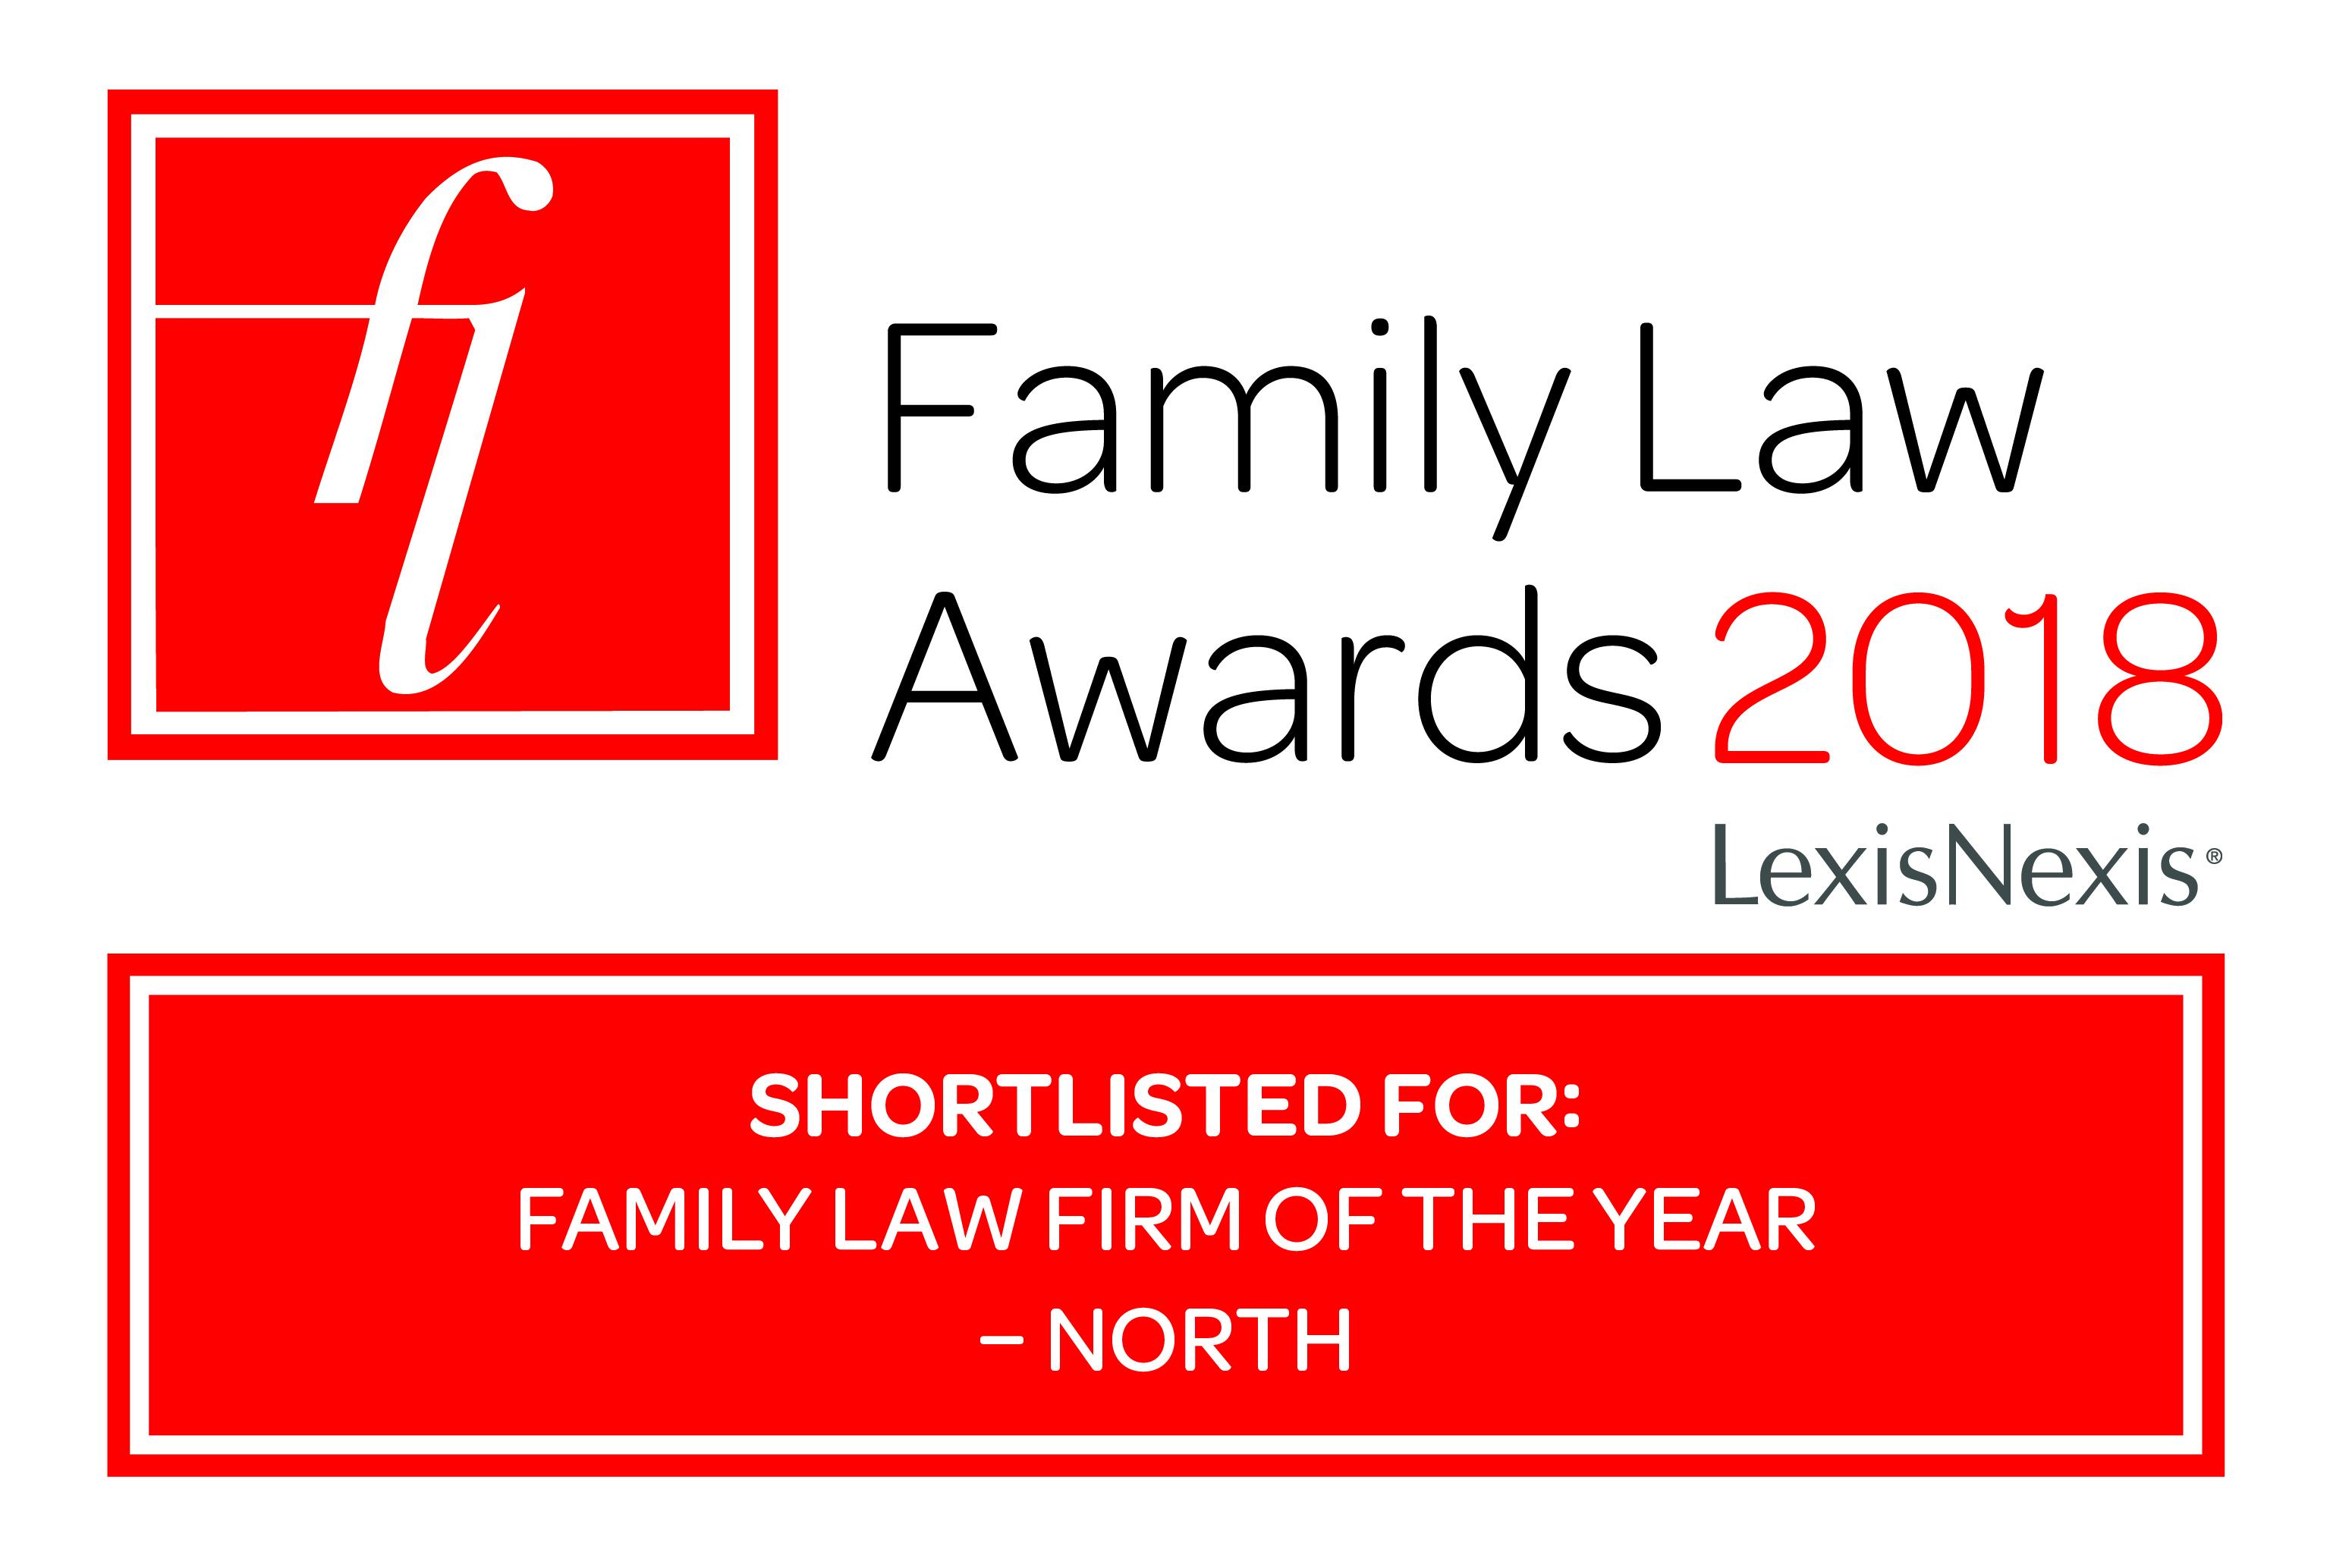 Family Law Award Jordans 2018